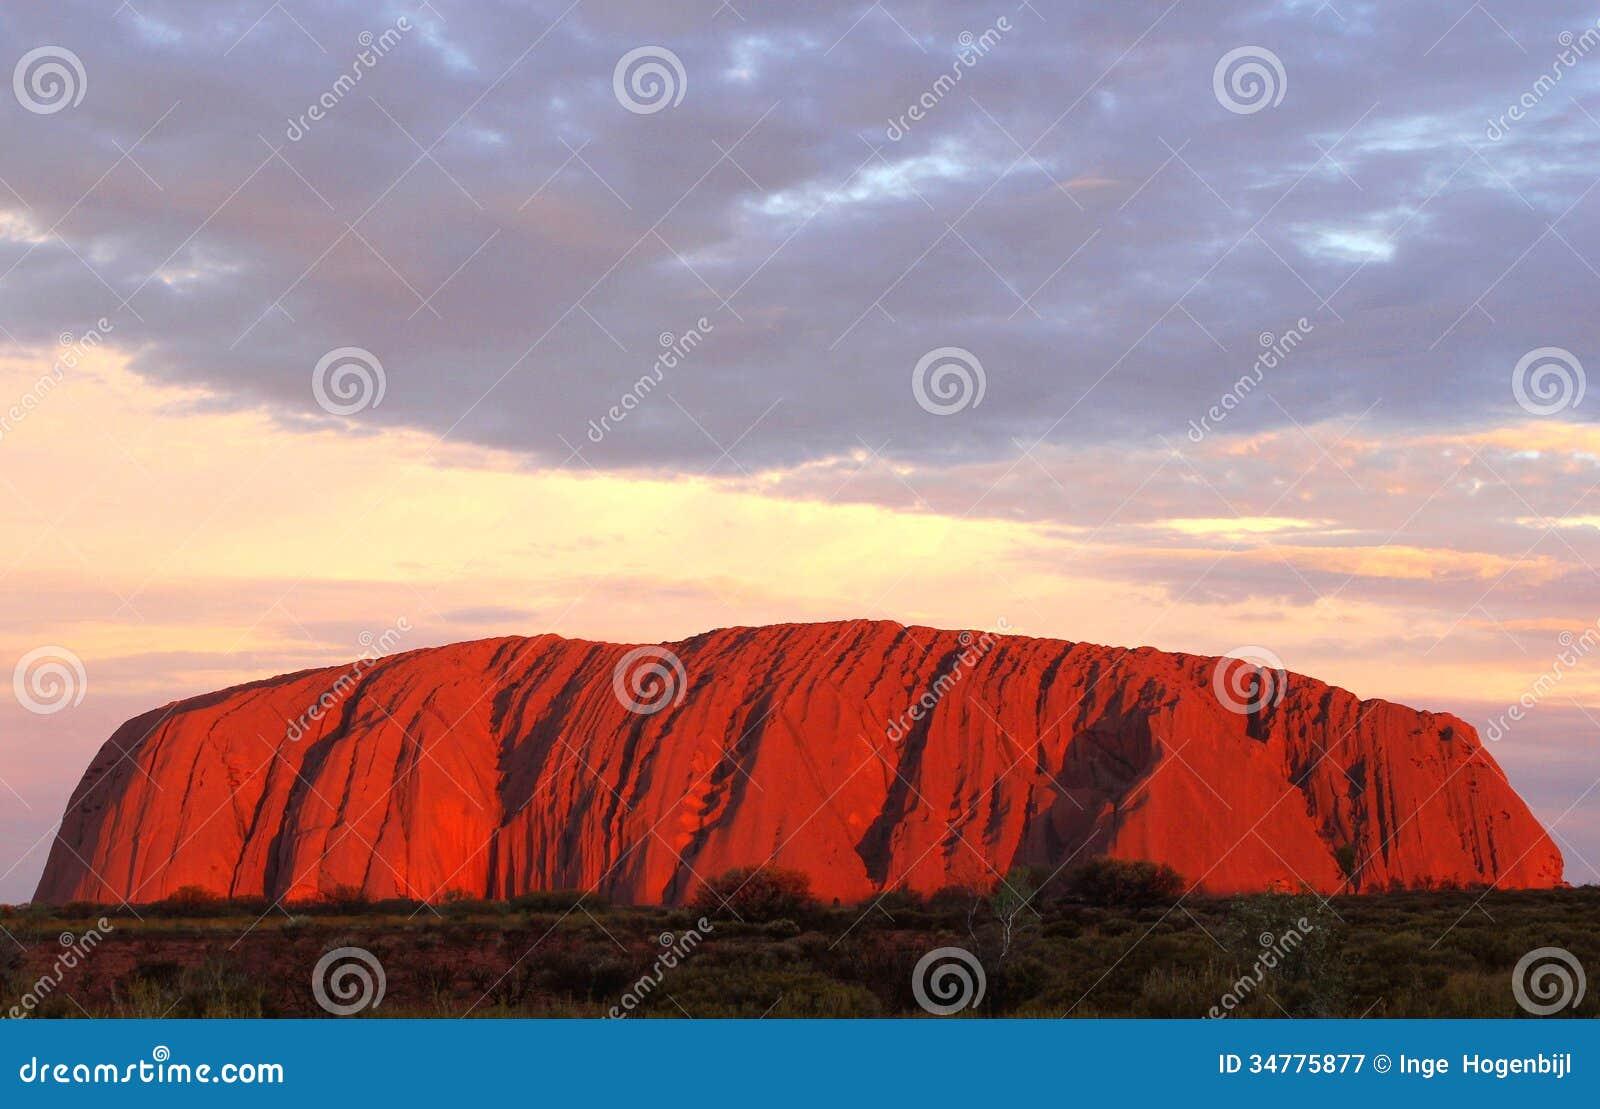 Uluru Ayers Rock (Unesco) is on fire at sunset, Australia